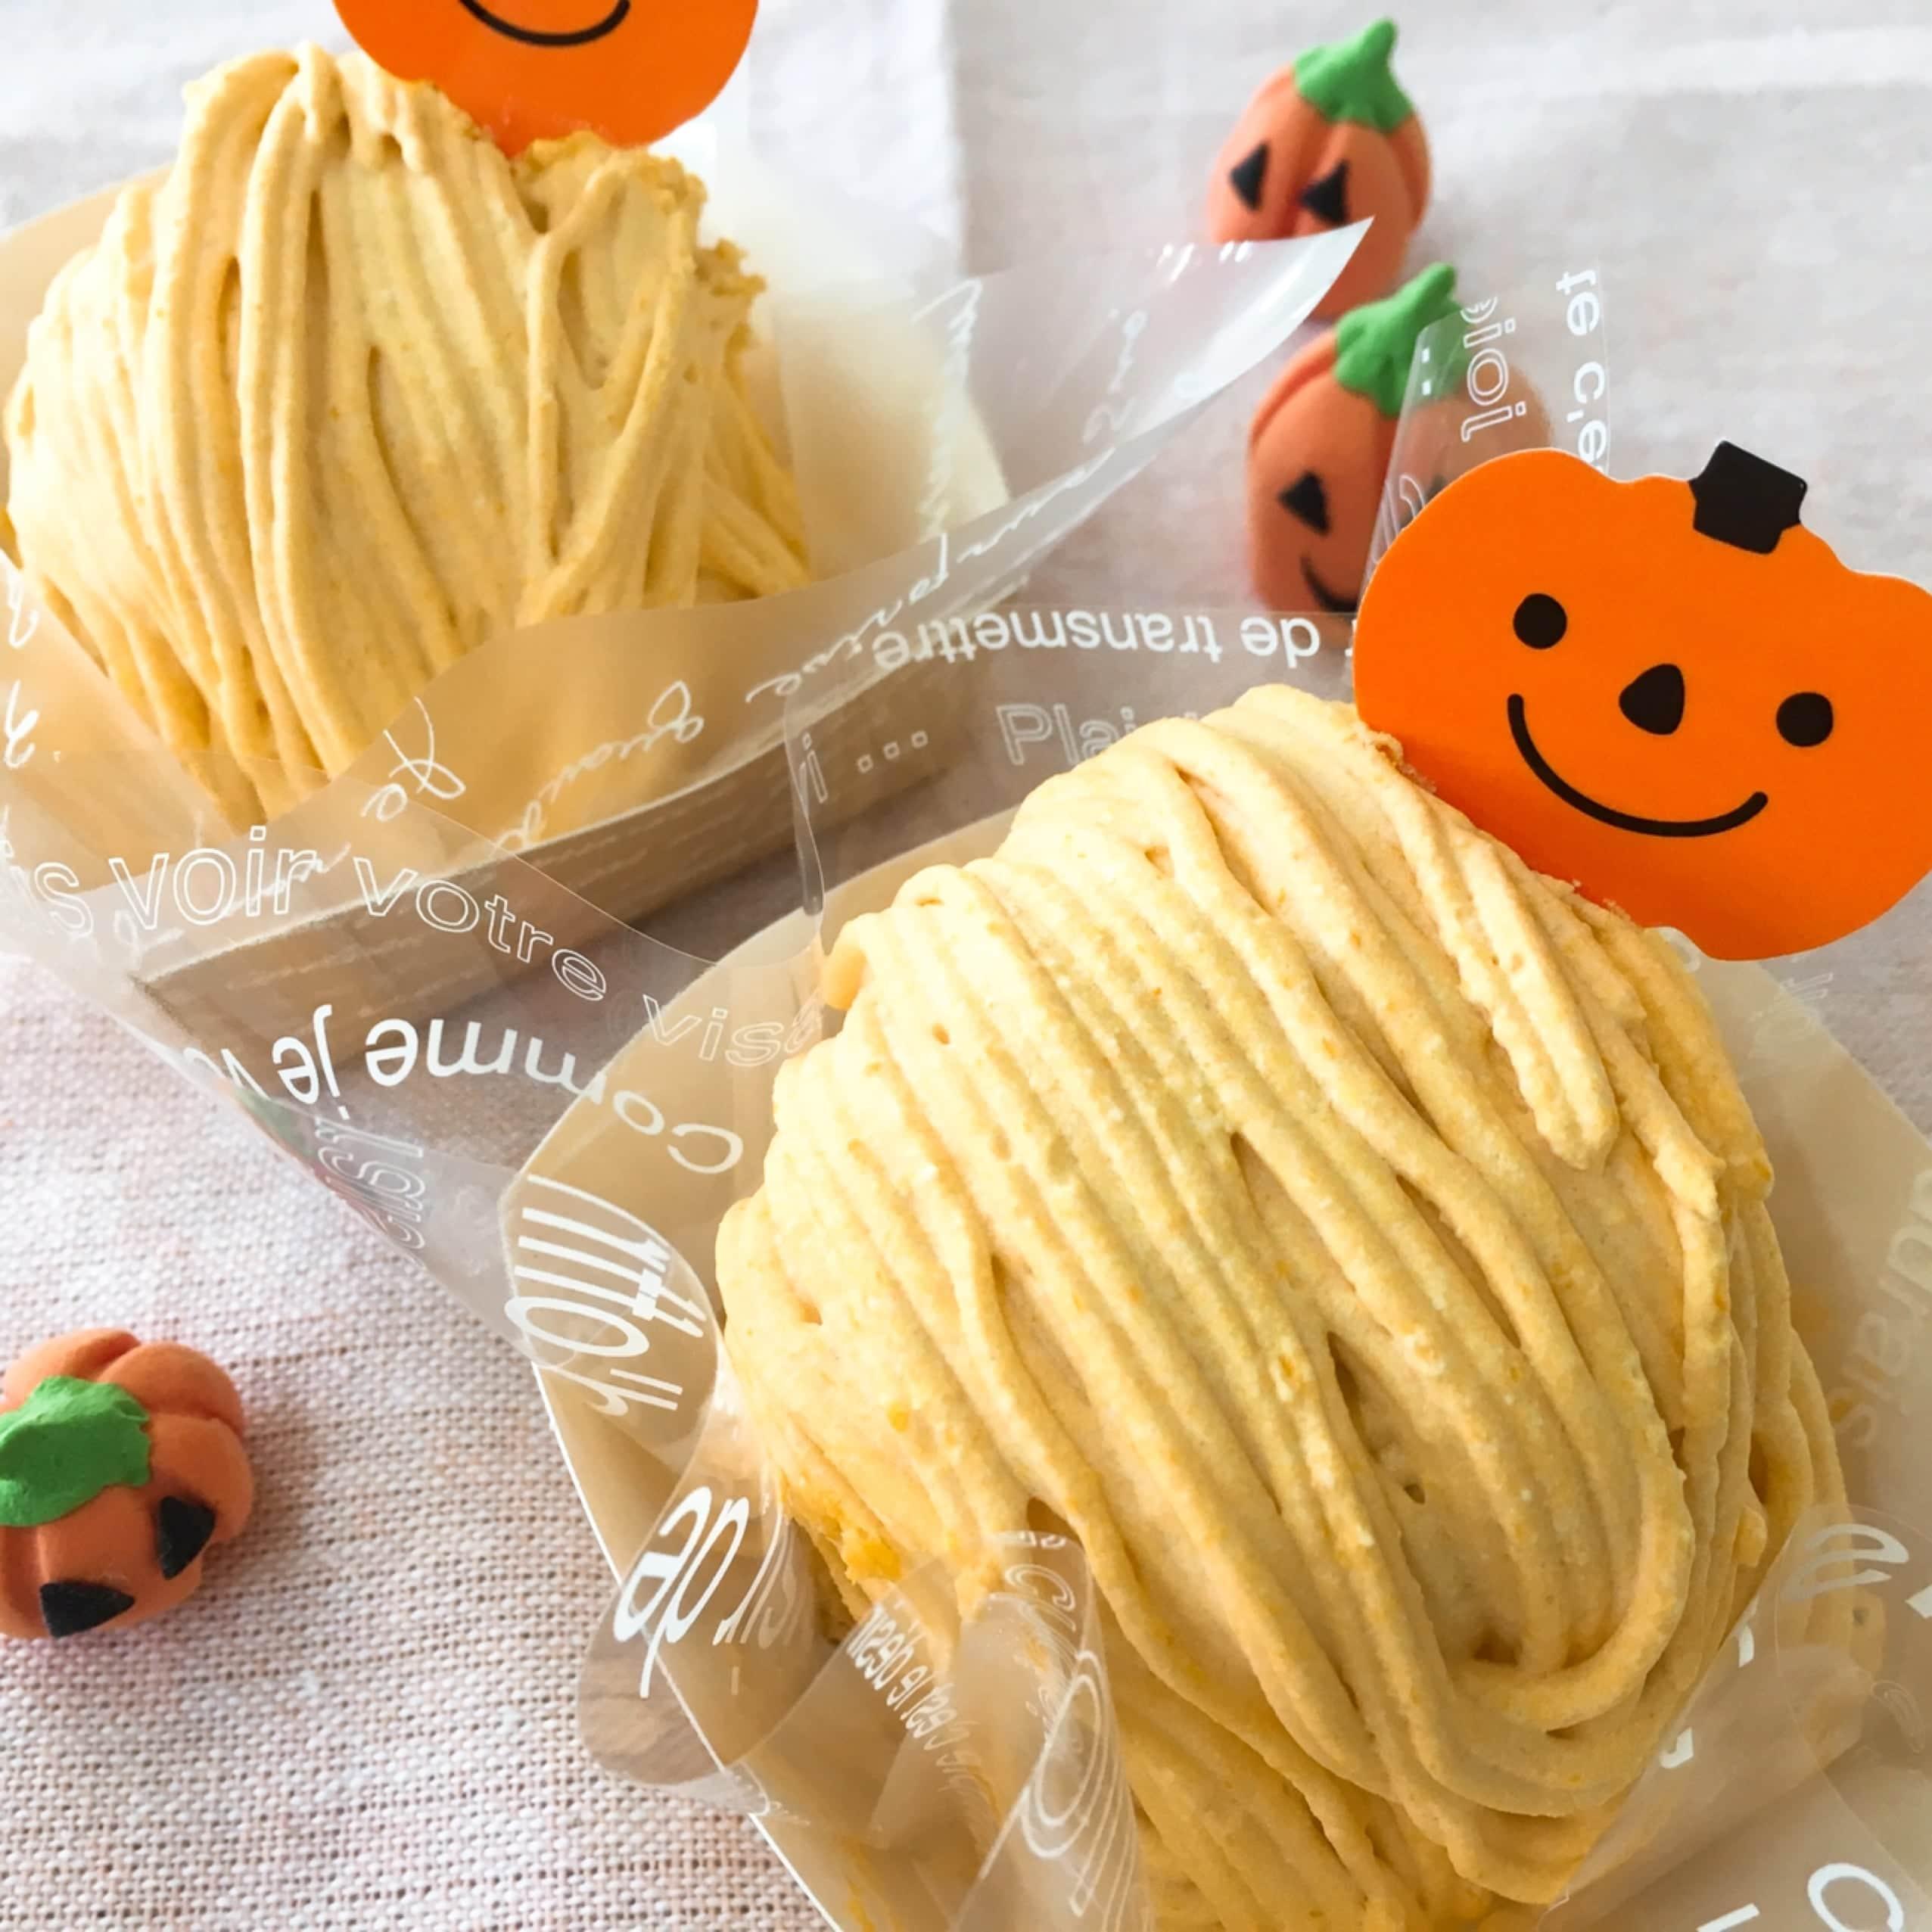 「小中学生夢応援プロジェクト2019」かぼちゃのモンブラン10月27日(日)販売分のイメージその1